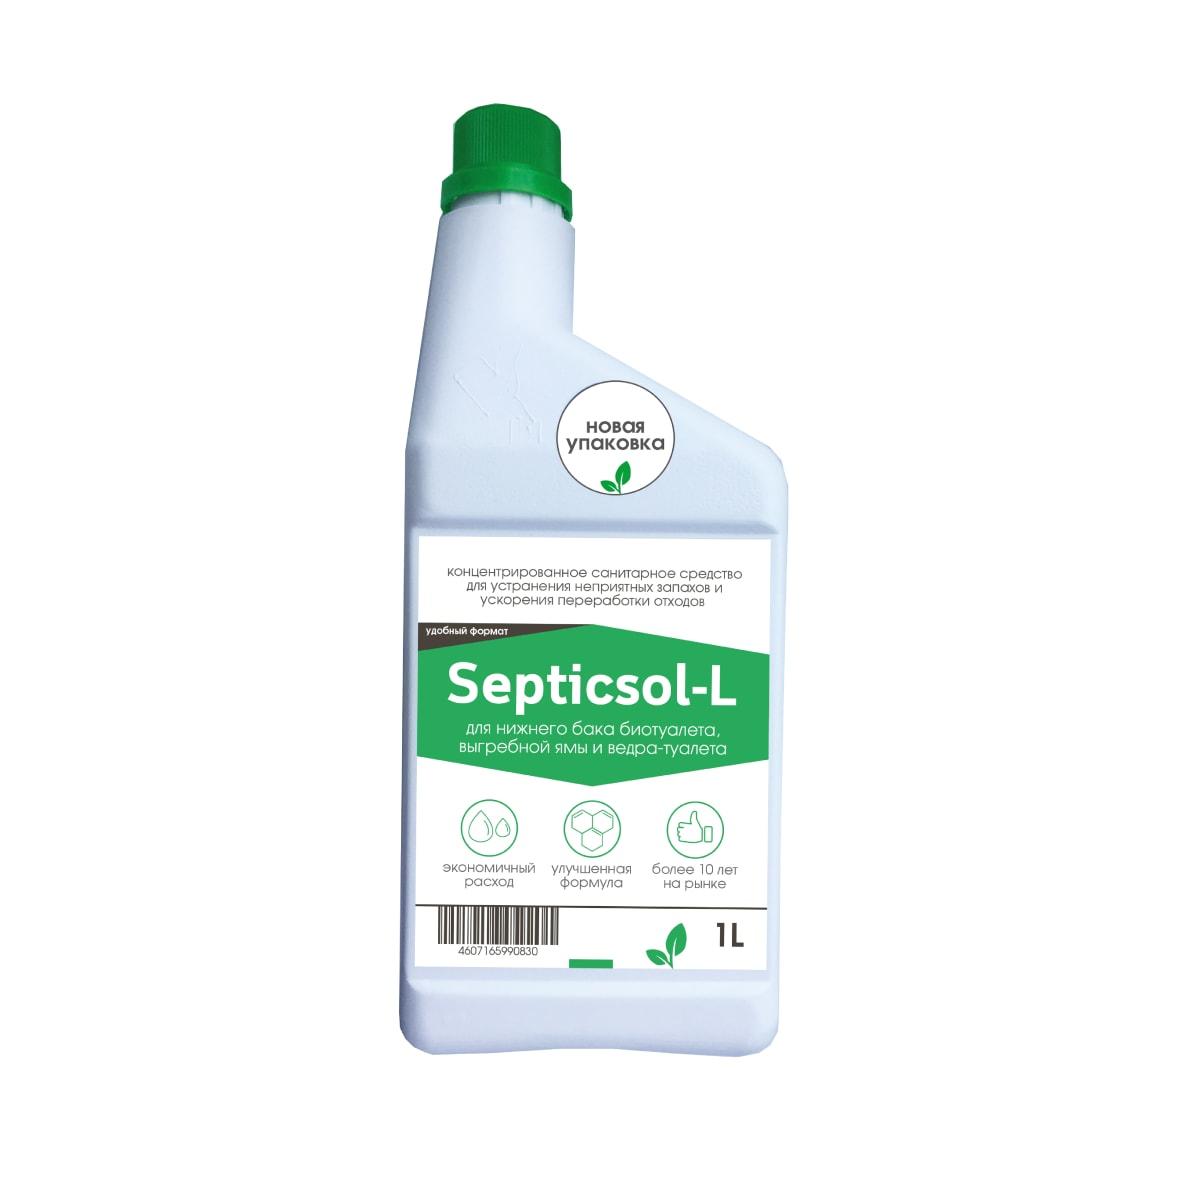 Санитарная жидкость Septiсsol-R для нижнего бака, 1 л